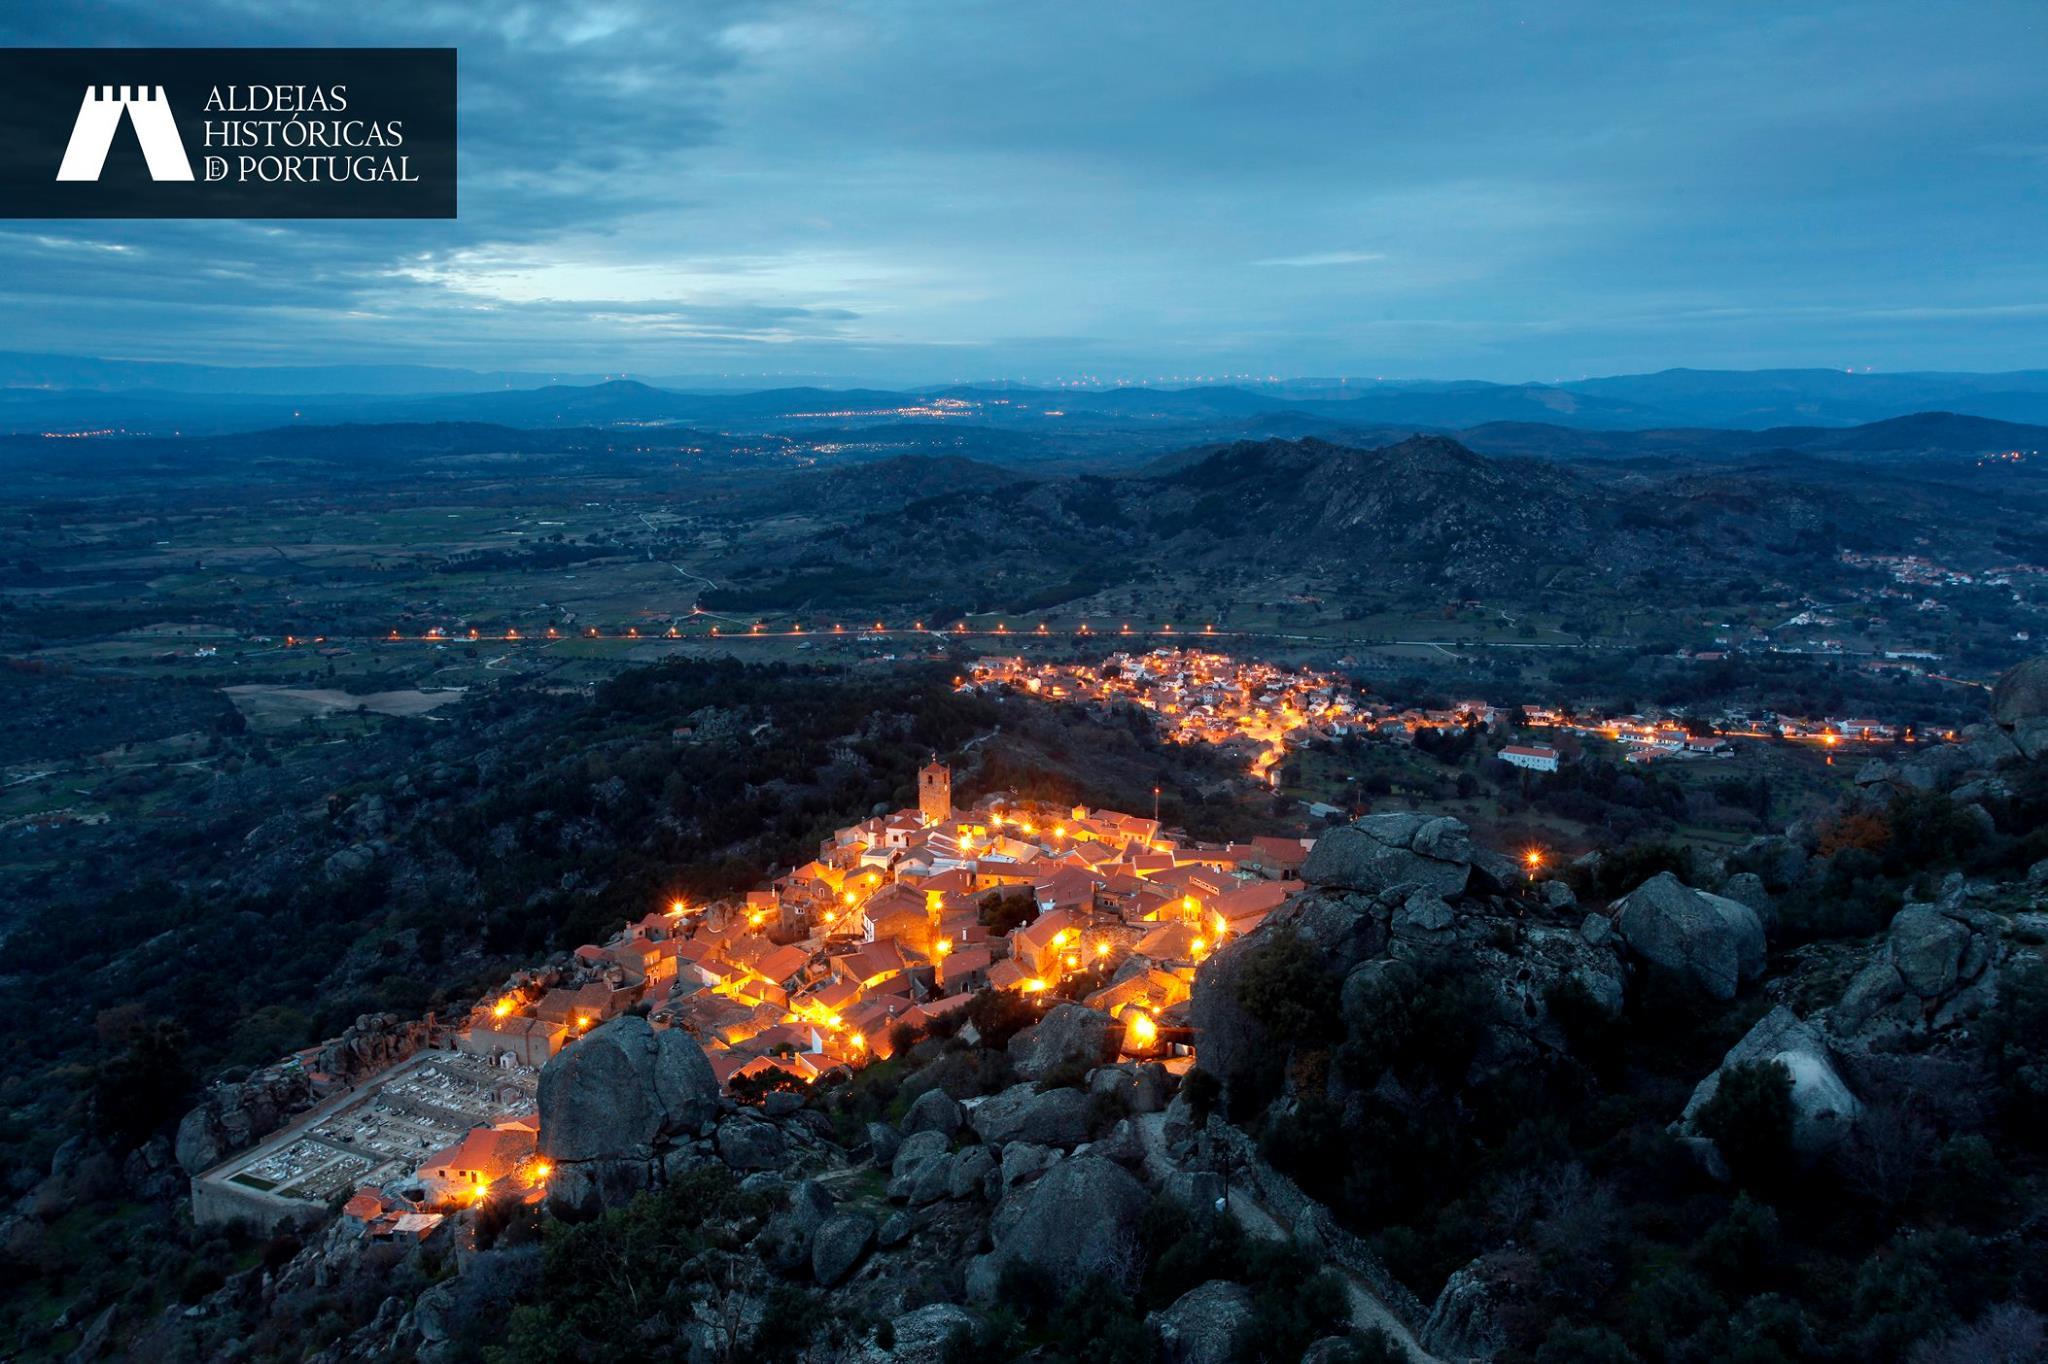 Aldeias Históricas de Portugal lideram pela primeira vez os Destinos Turísticos Sustentáveis